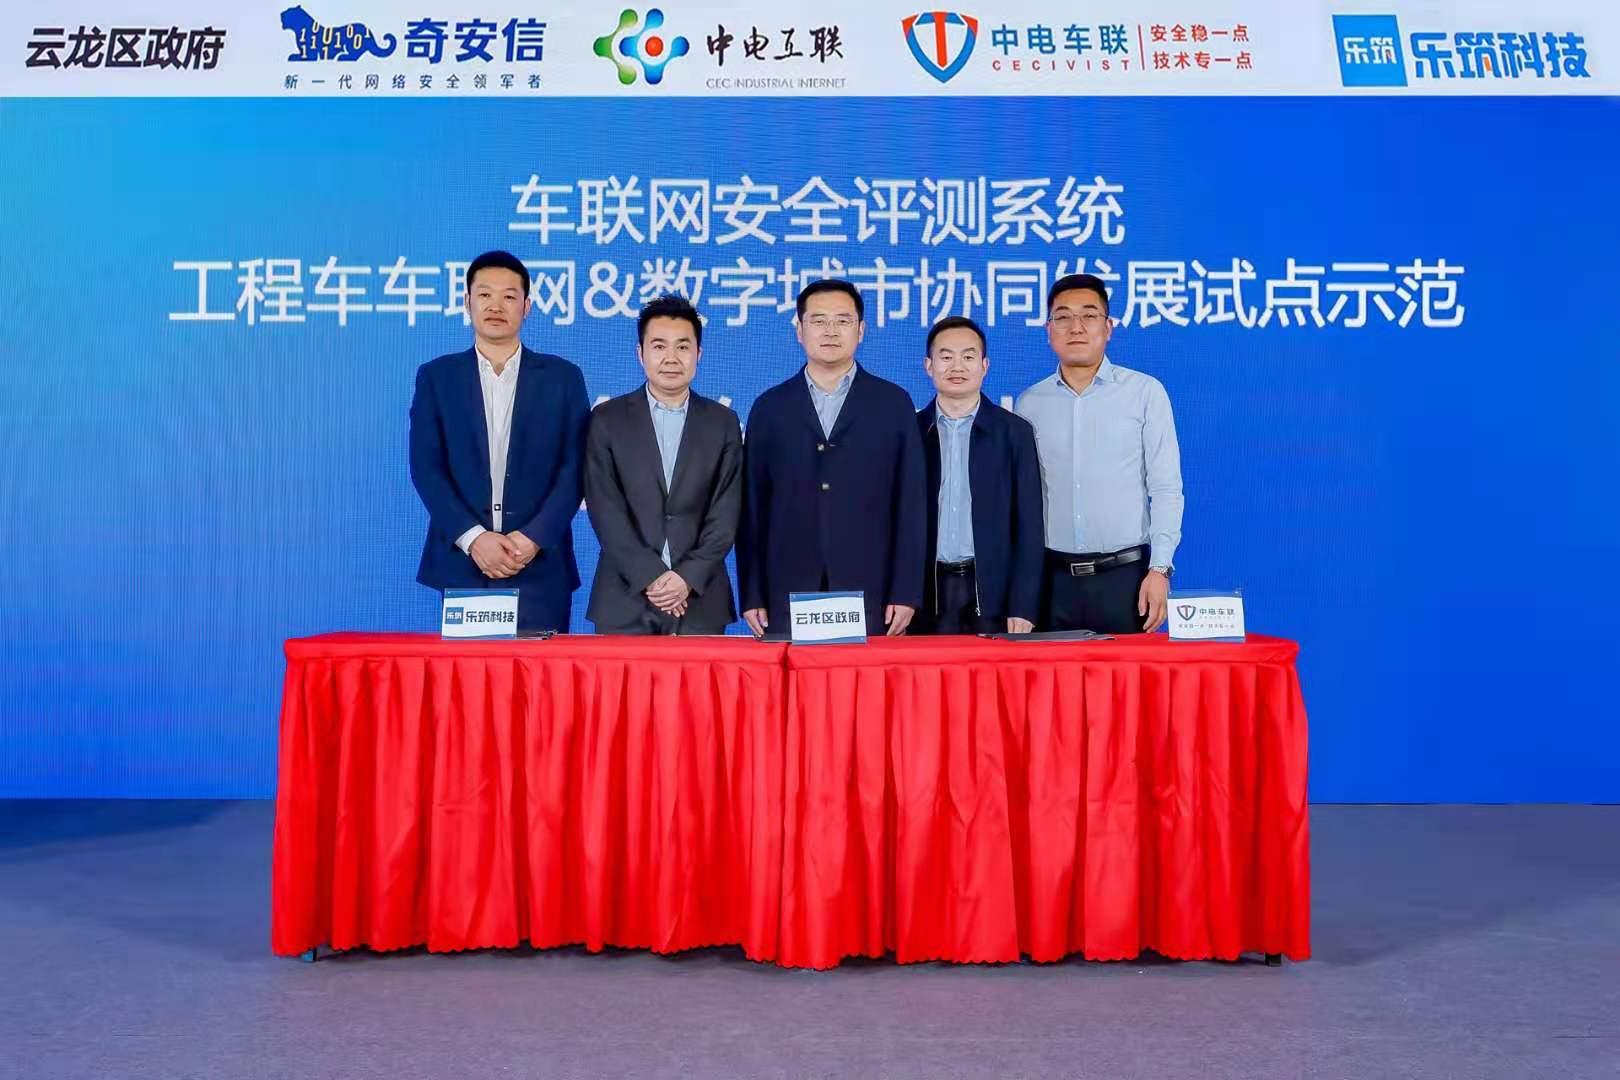 第四届数字中国建设峰会:数字化建设,乐筑干劲十足充满期待!